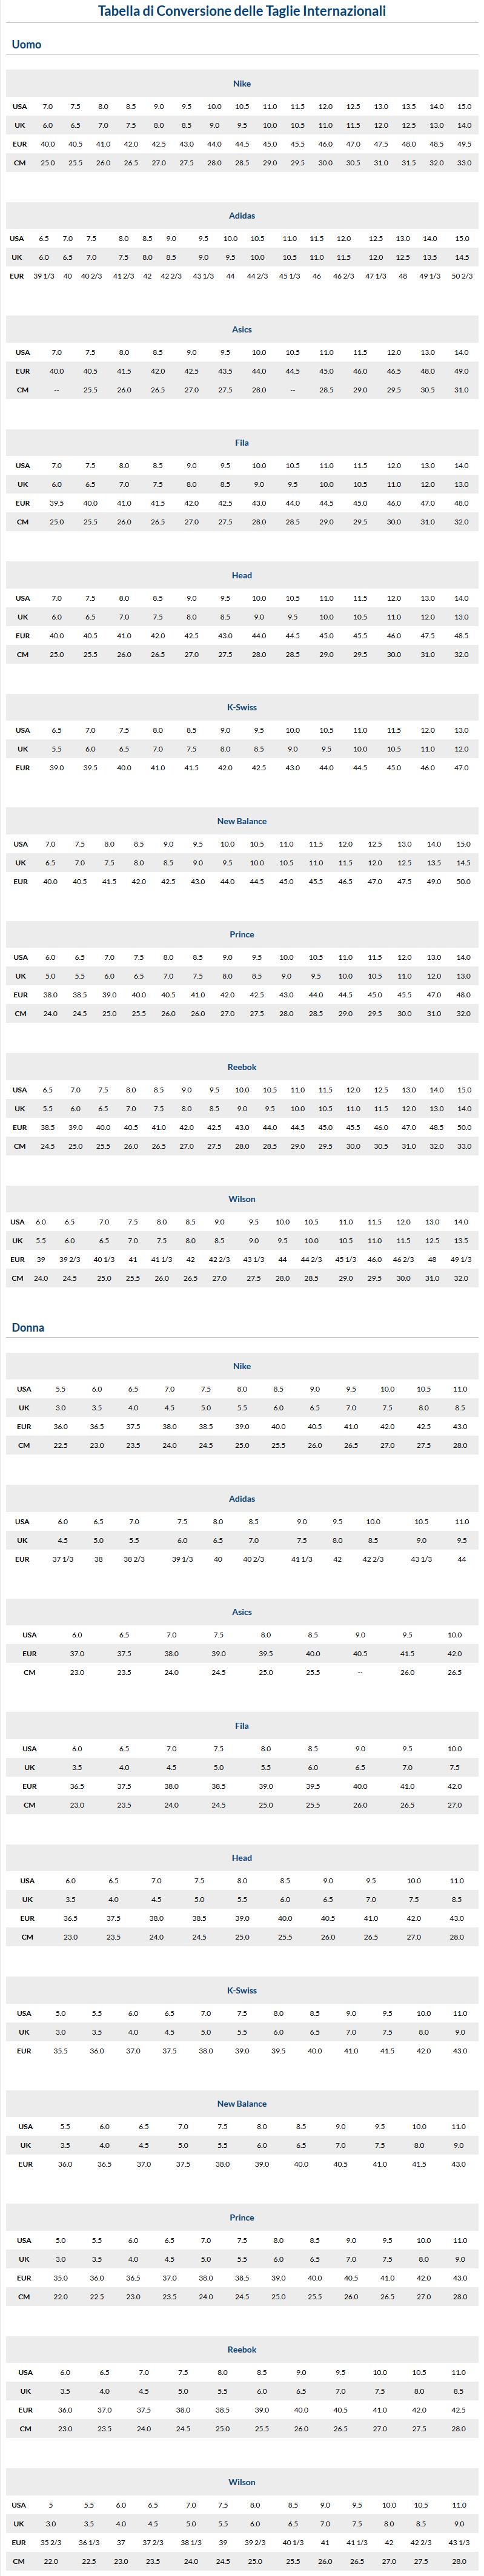 Scarpe: tabella di conversione internazionale Tabell10